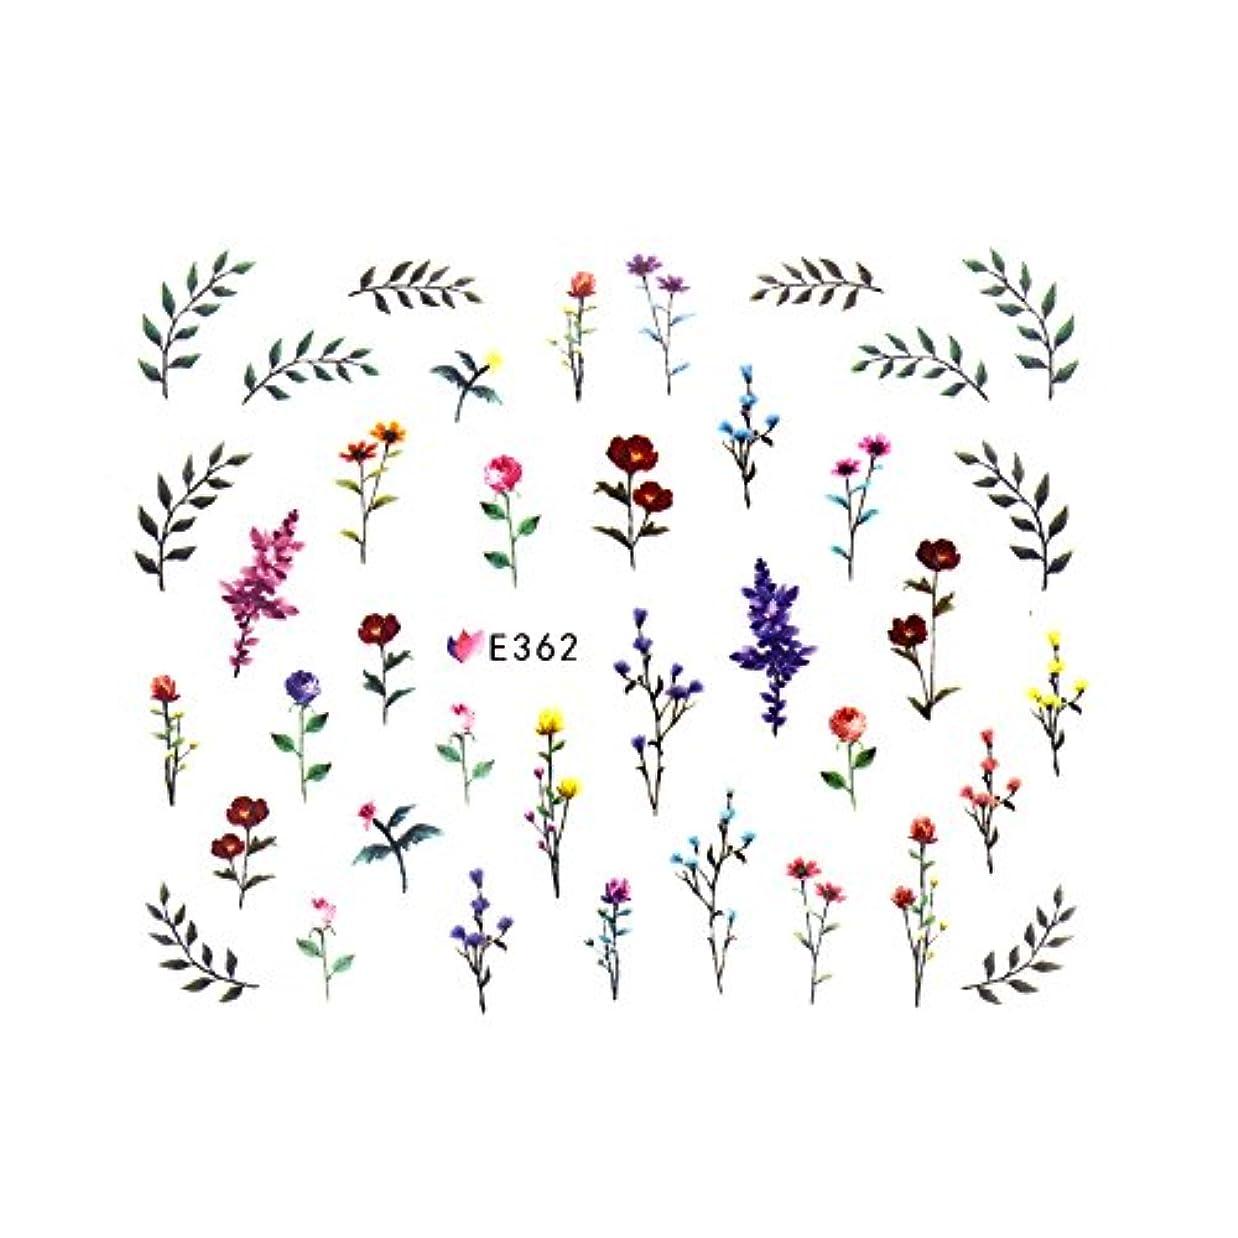 小石菊フォローフラワーガーデンシール 【E362】フラワー ボタニカル ドライフラワー 小花柄